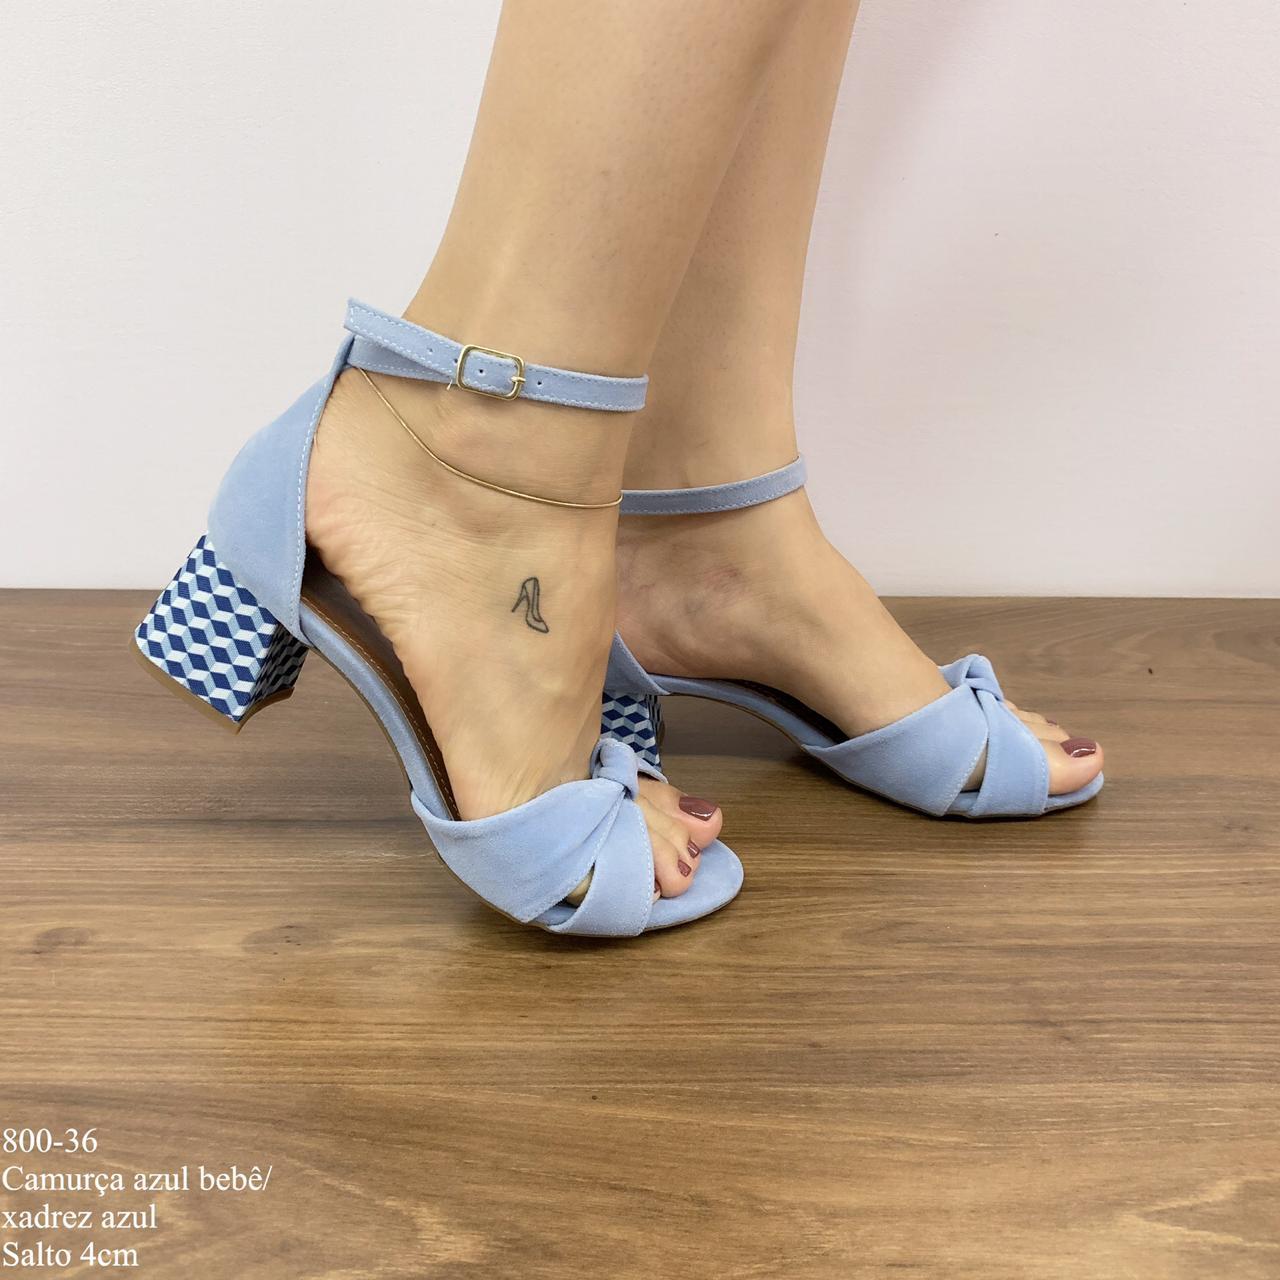 8e3c3b93d Sandália Camurça Azul Bebê/Xadrez Azul - Calçados Diferente